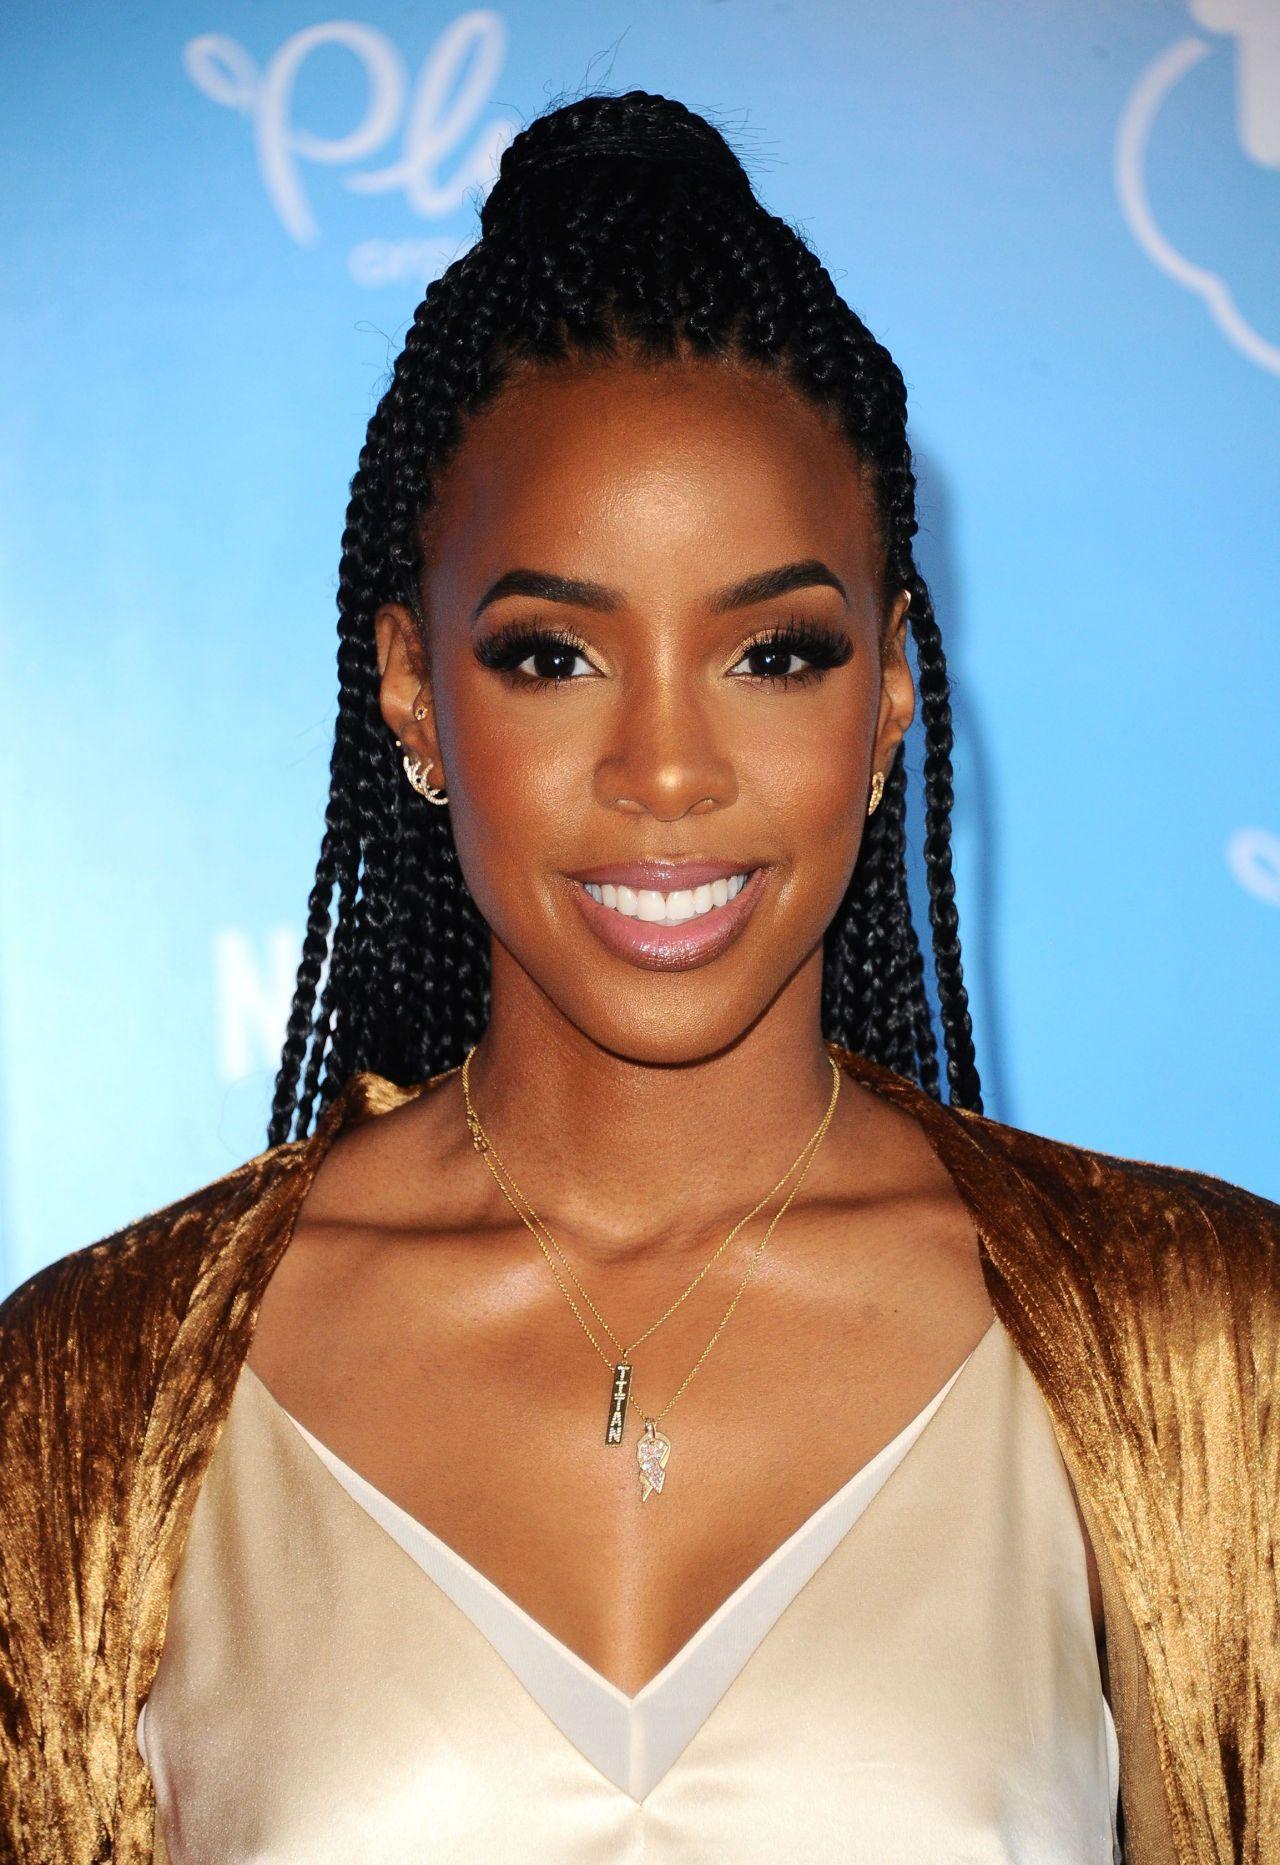 Kelly Rowland True And The Rainbow Kingdom Tv Show